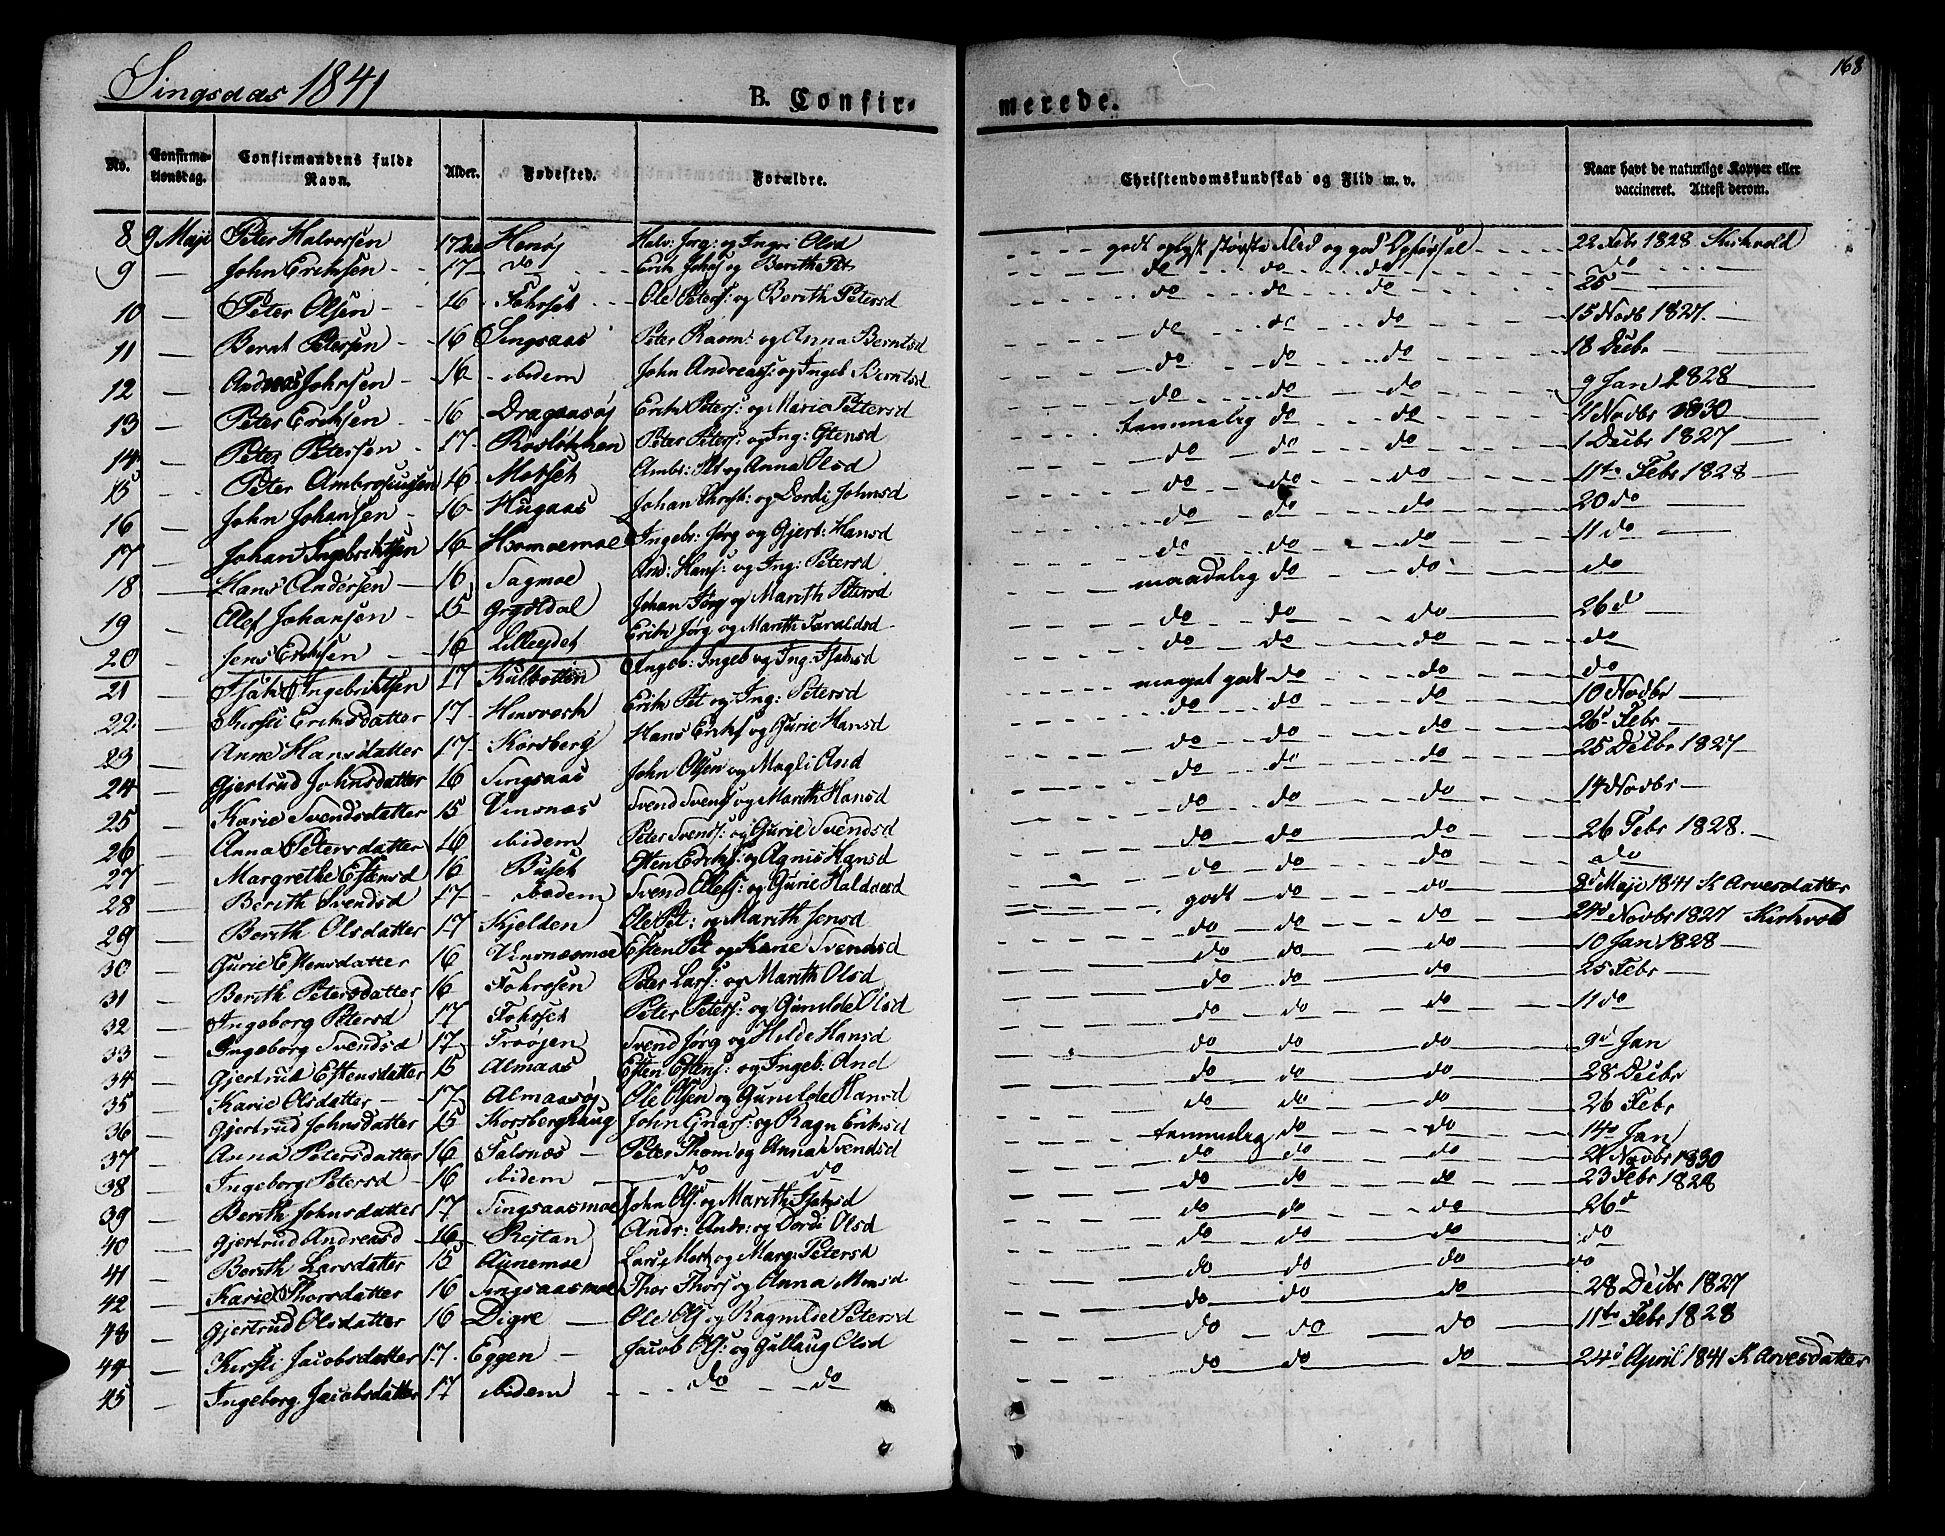 SAT, Ministerialprotokoller, klokkerbøker og fødselsregistre - Sør-Trøndelag, 685/L0958: Ministerialbok nr. 685A04 /2, 1829-1845, s. 168